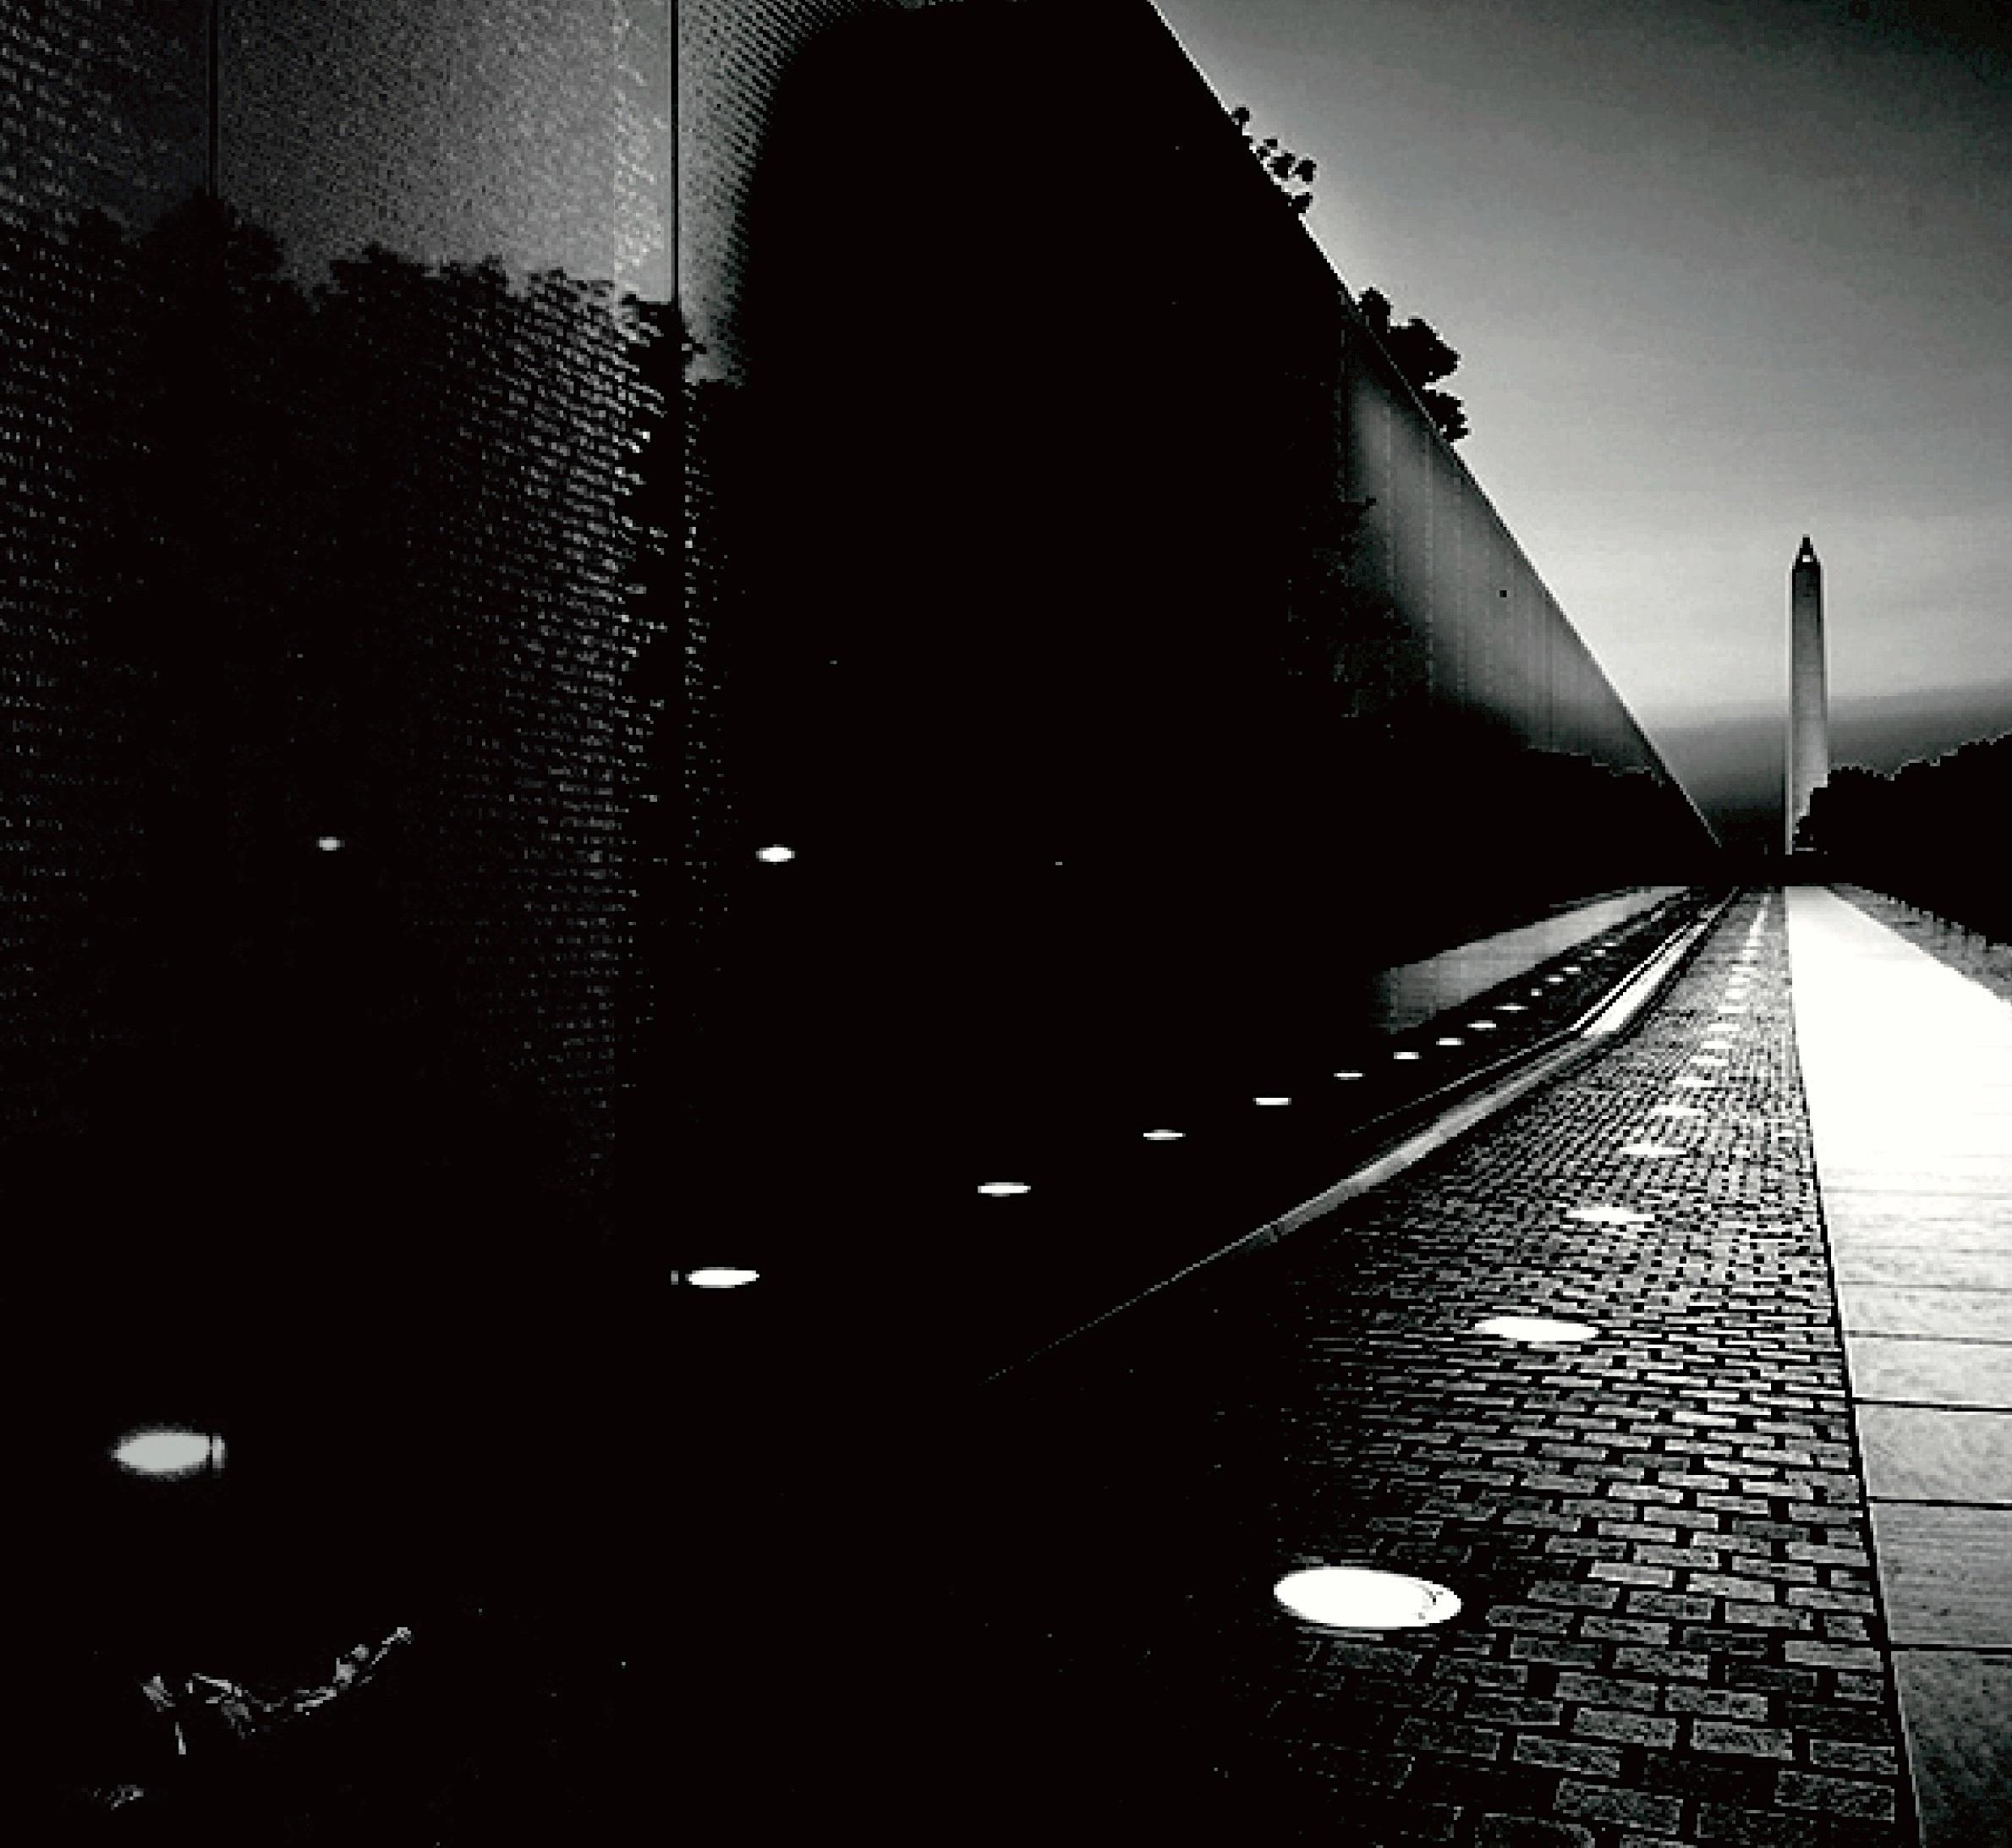 Vietnam+Memorial+Revised+2.jpg